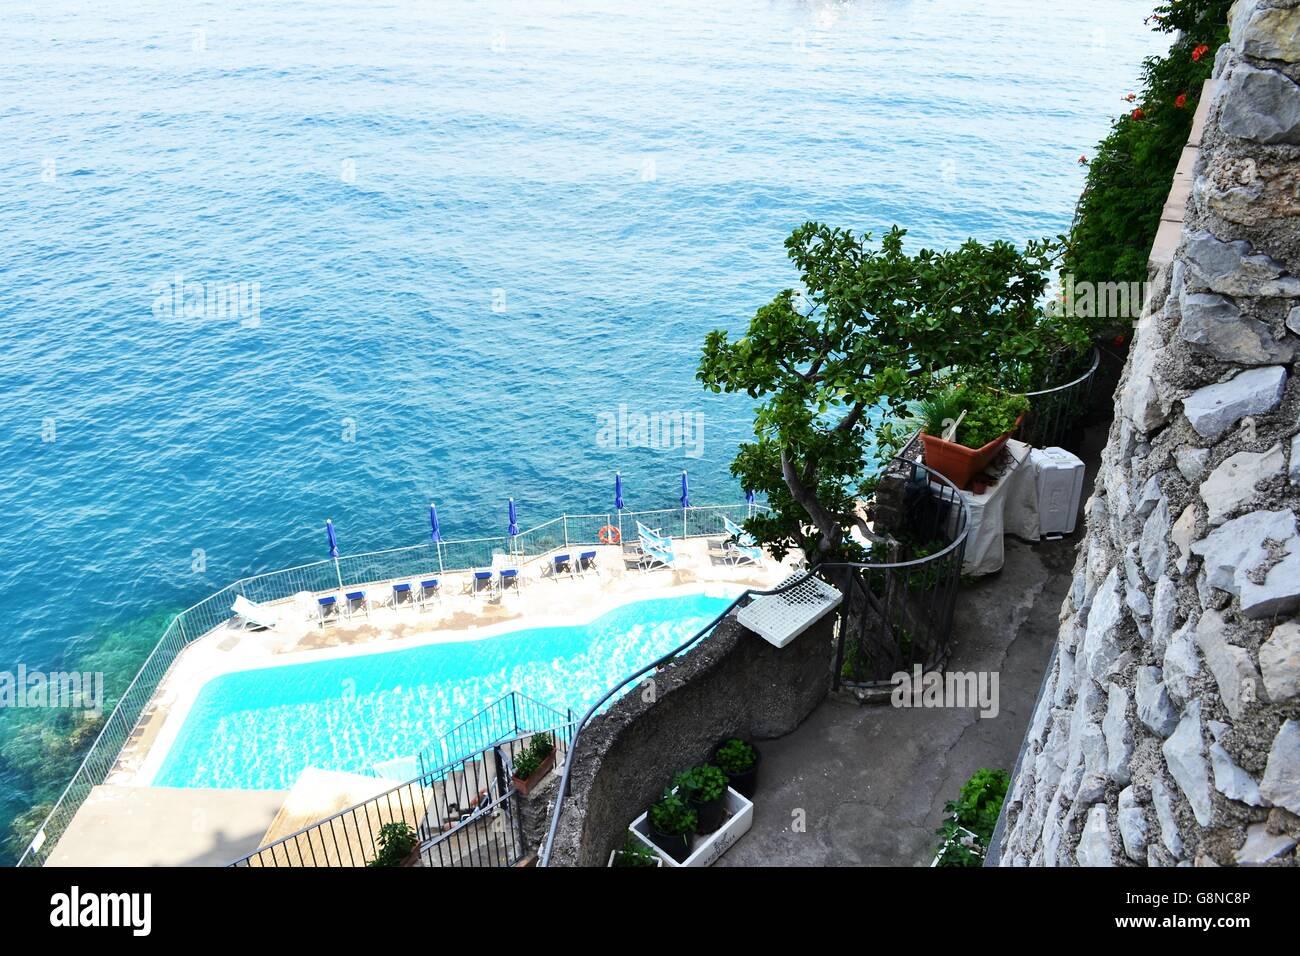 Un tuffo nel blu della costiera amalfitana - Stock Image